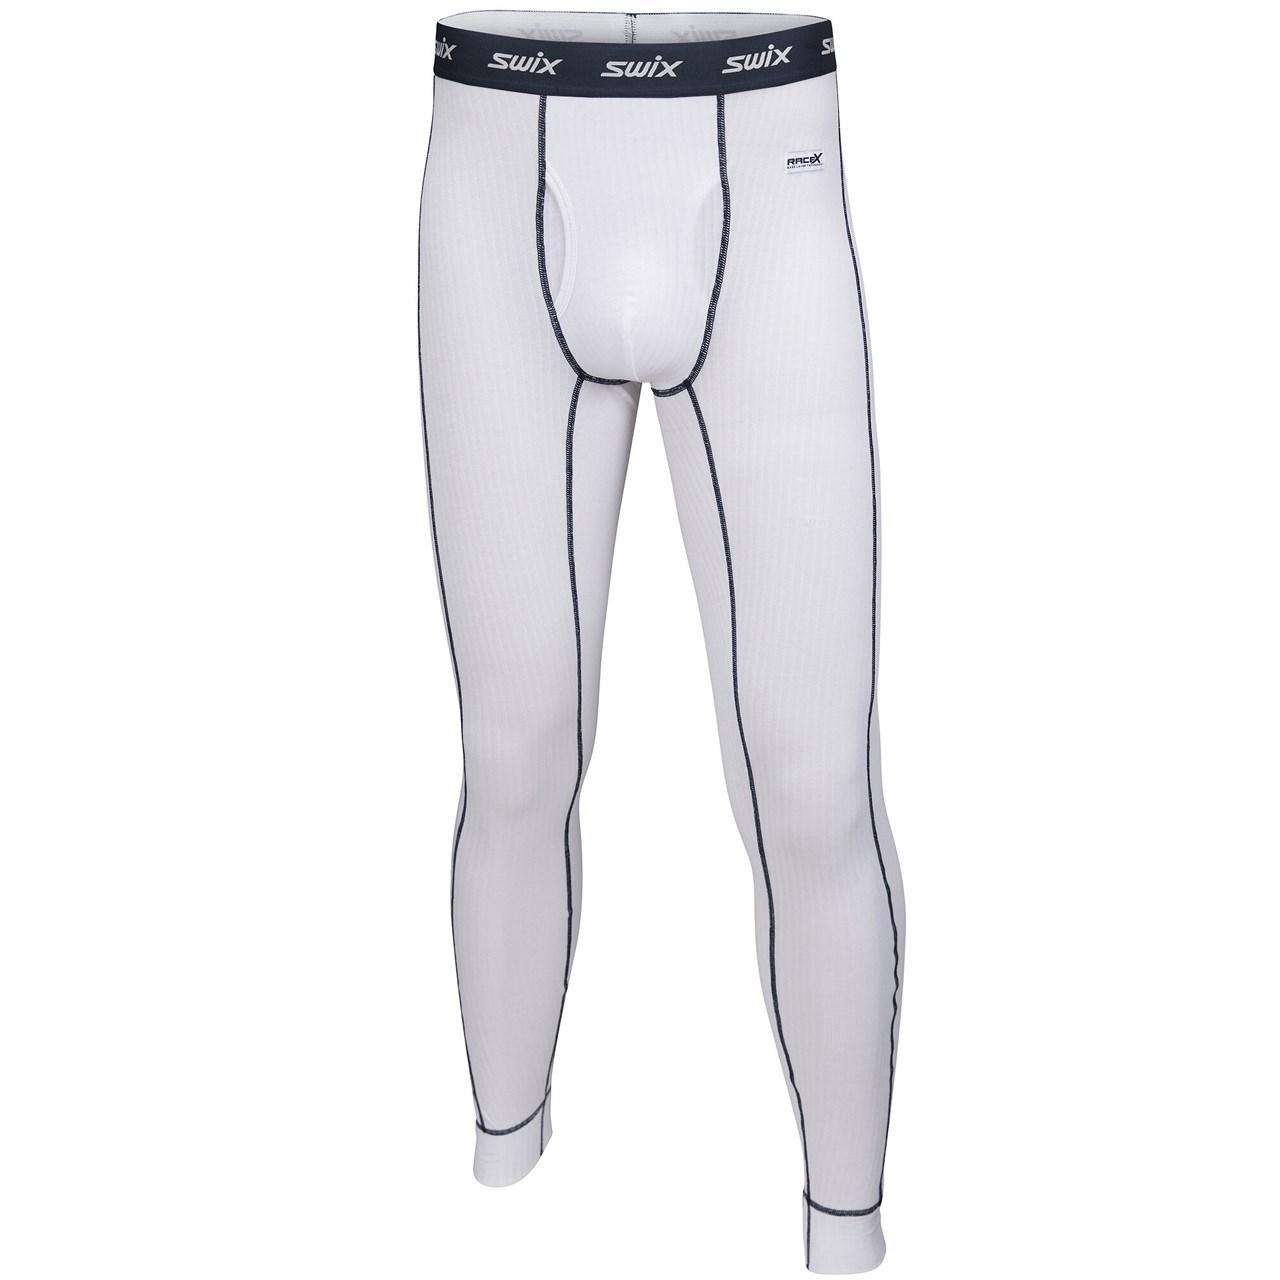 Race x bodewear pants